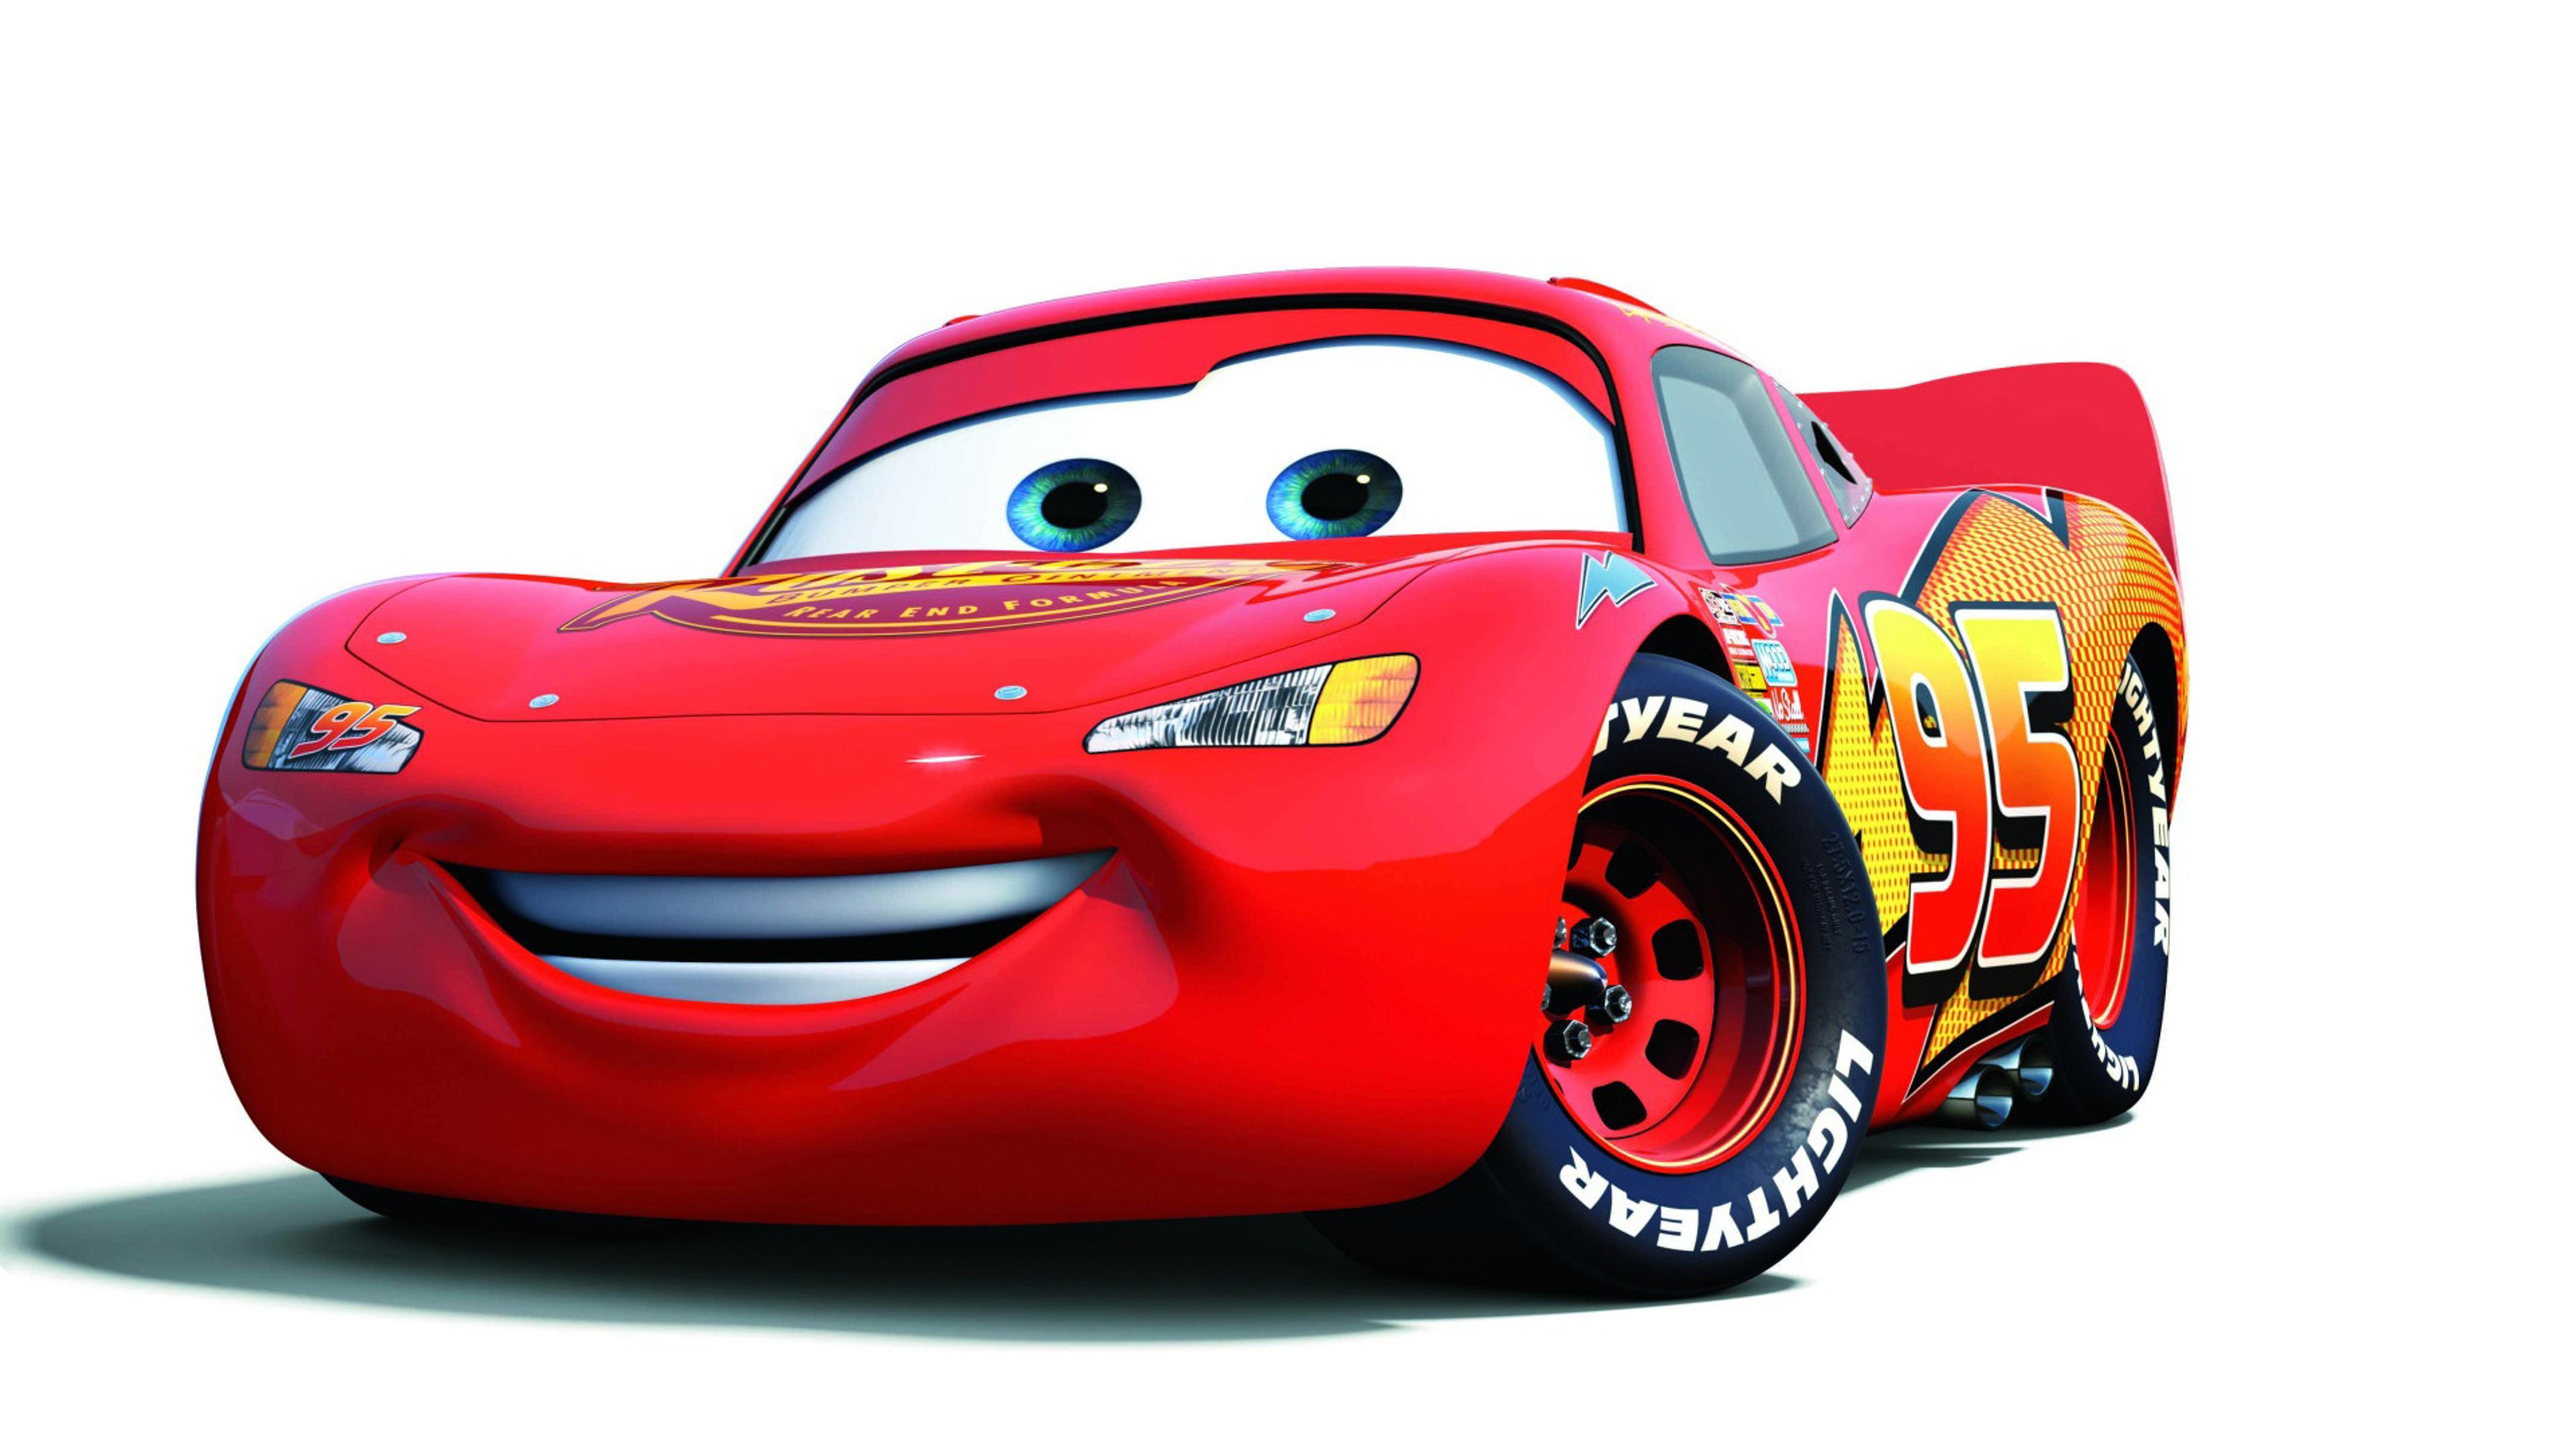 Wonderful Wallpaper Anime Car - lightning-mcqueen-red-cars-anime-car-5120x2880  2018_606273      .jpg